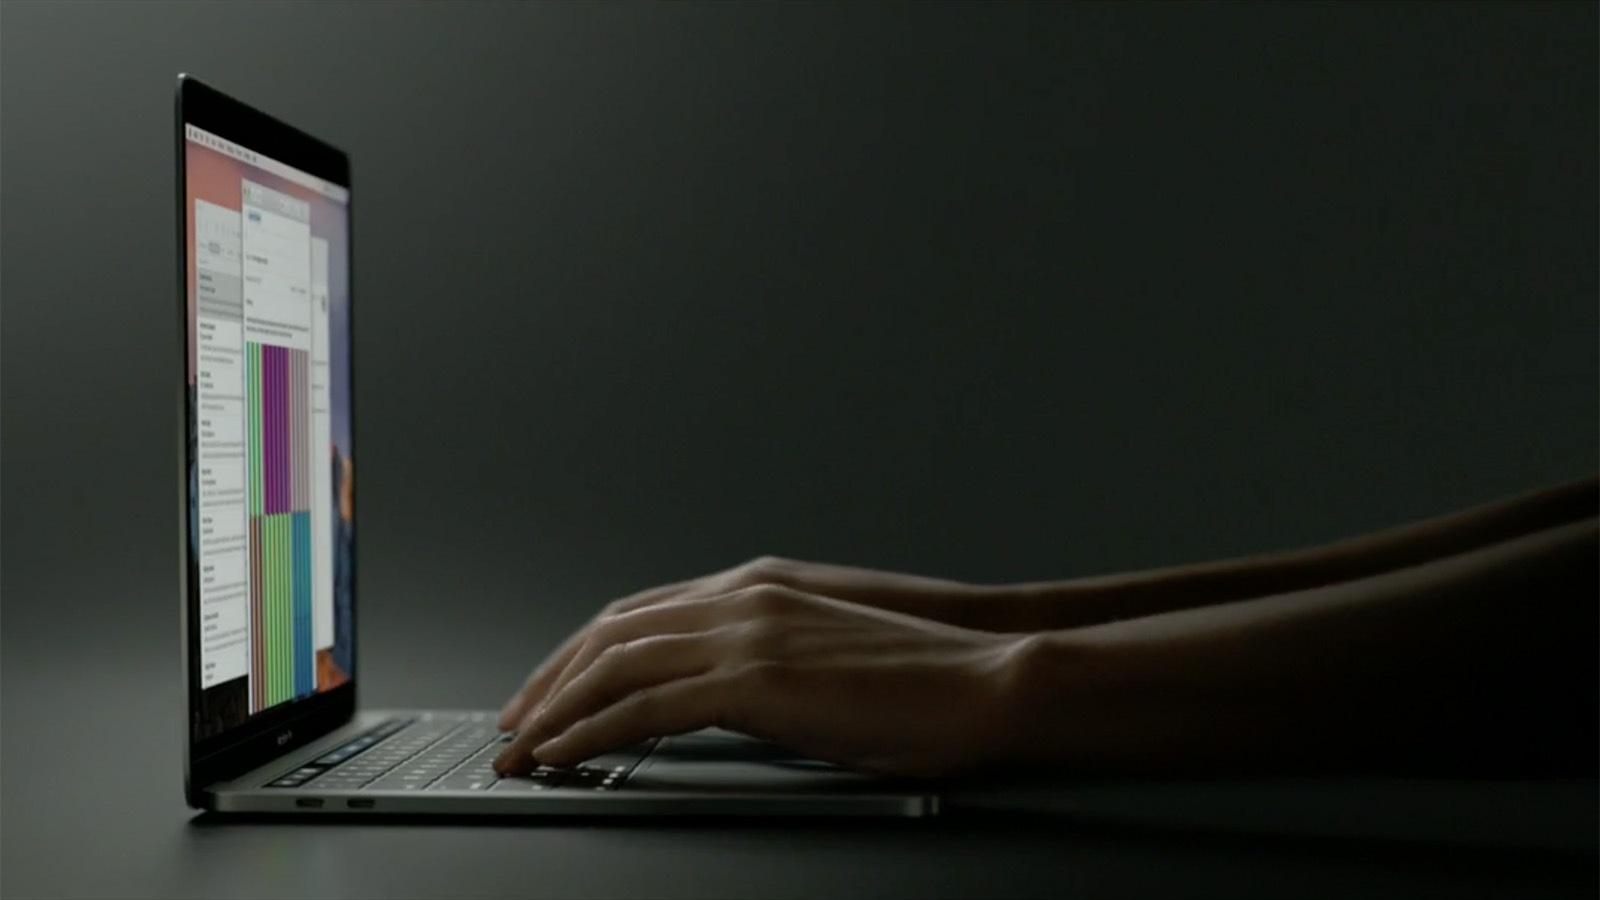 2016年 MacBook Pro バタフライキーボード